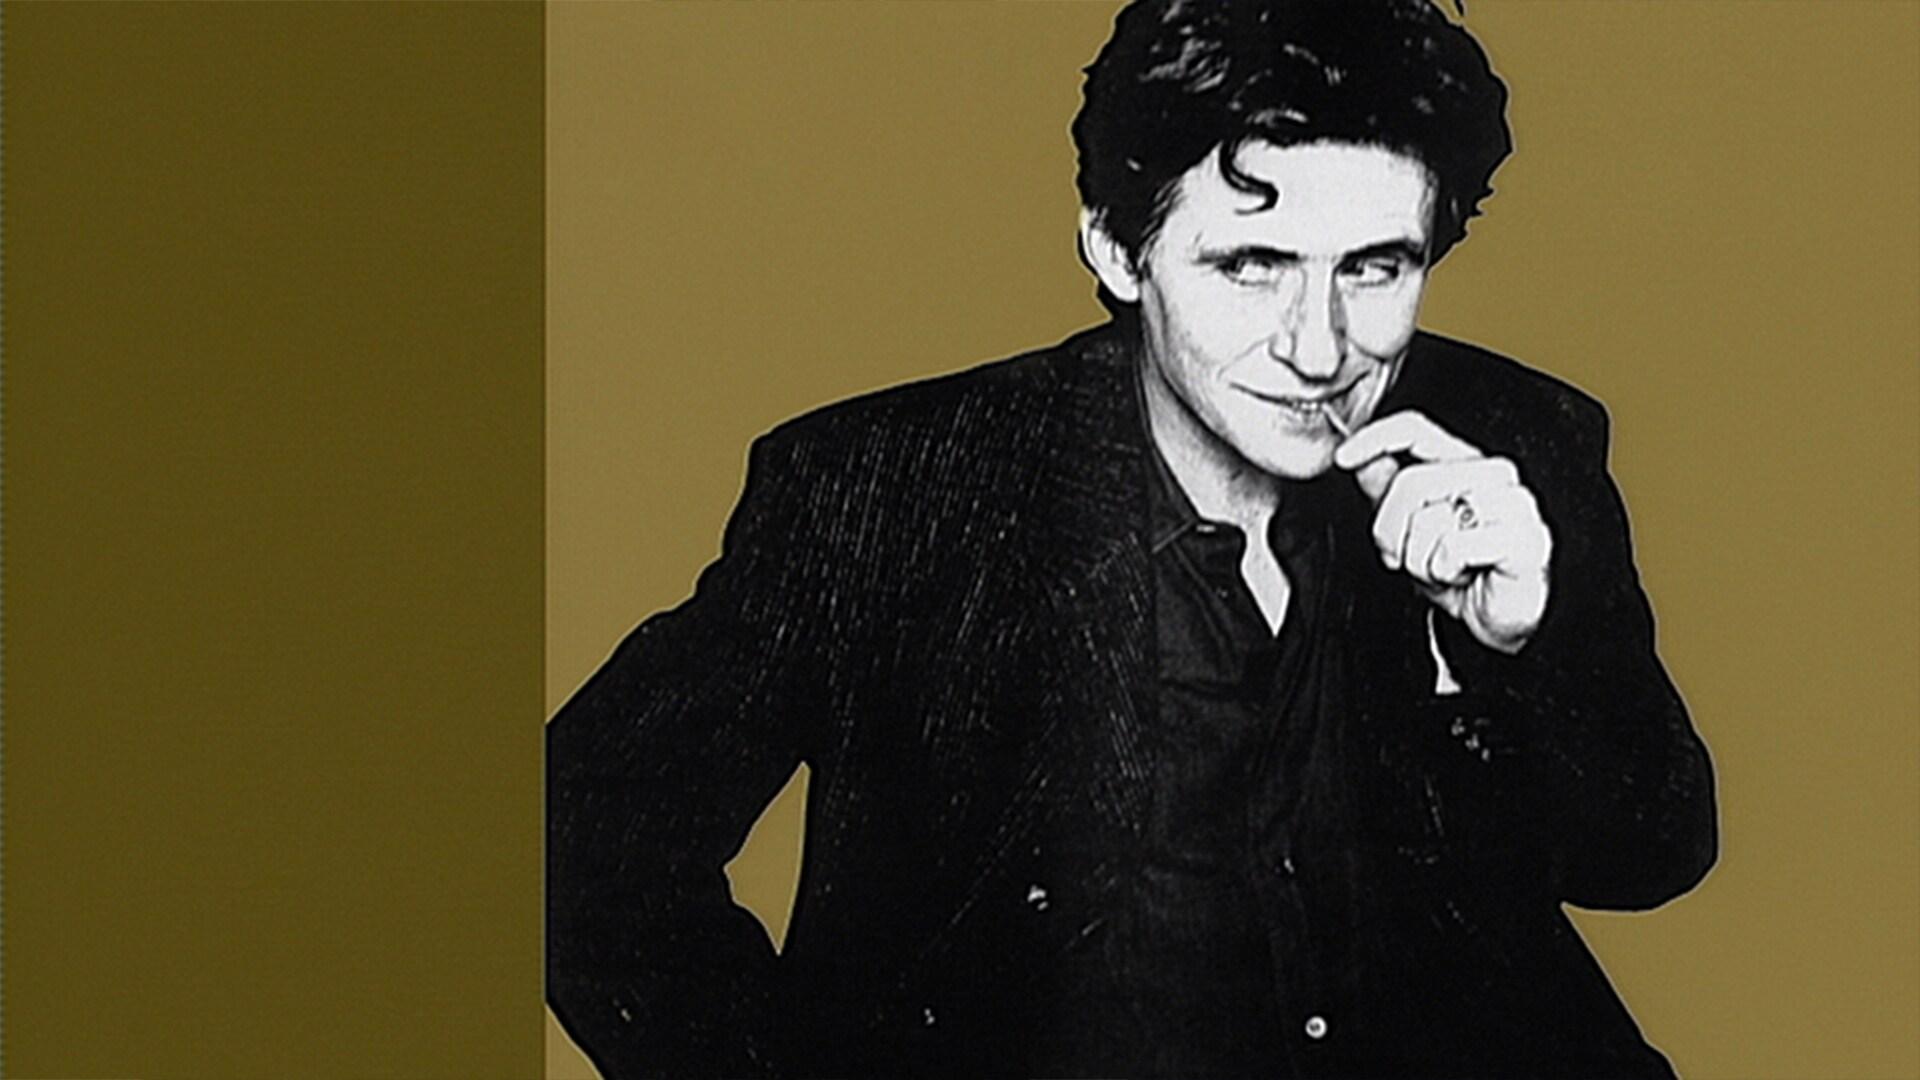 Gabriel Byrne: October 28, 1995